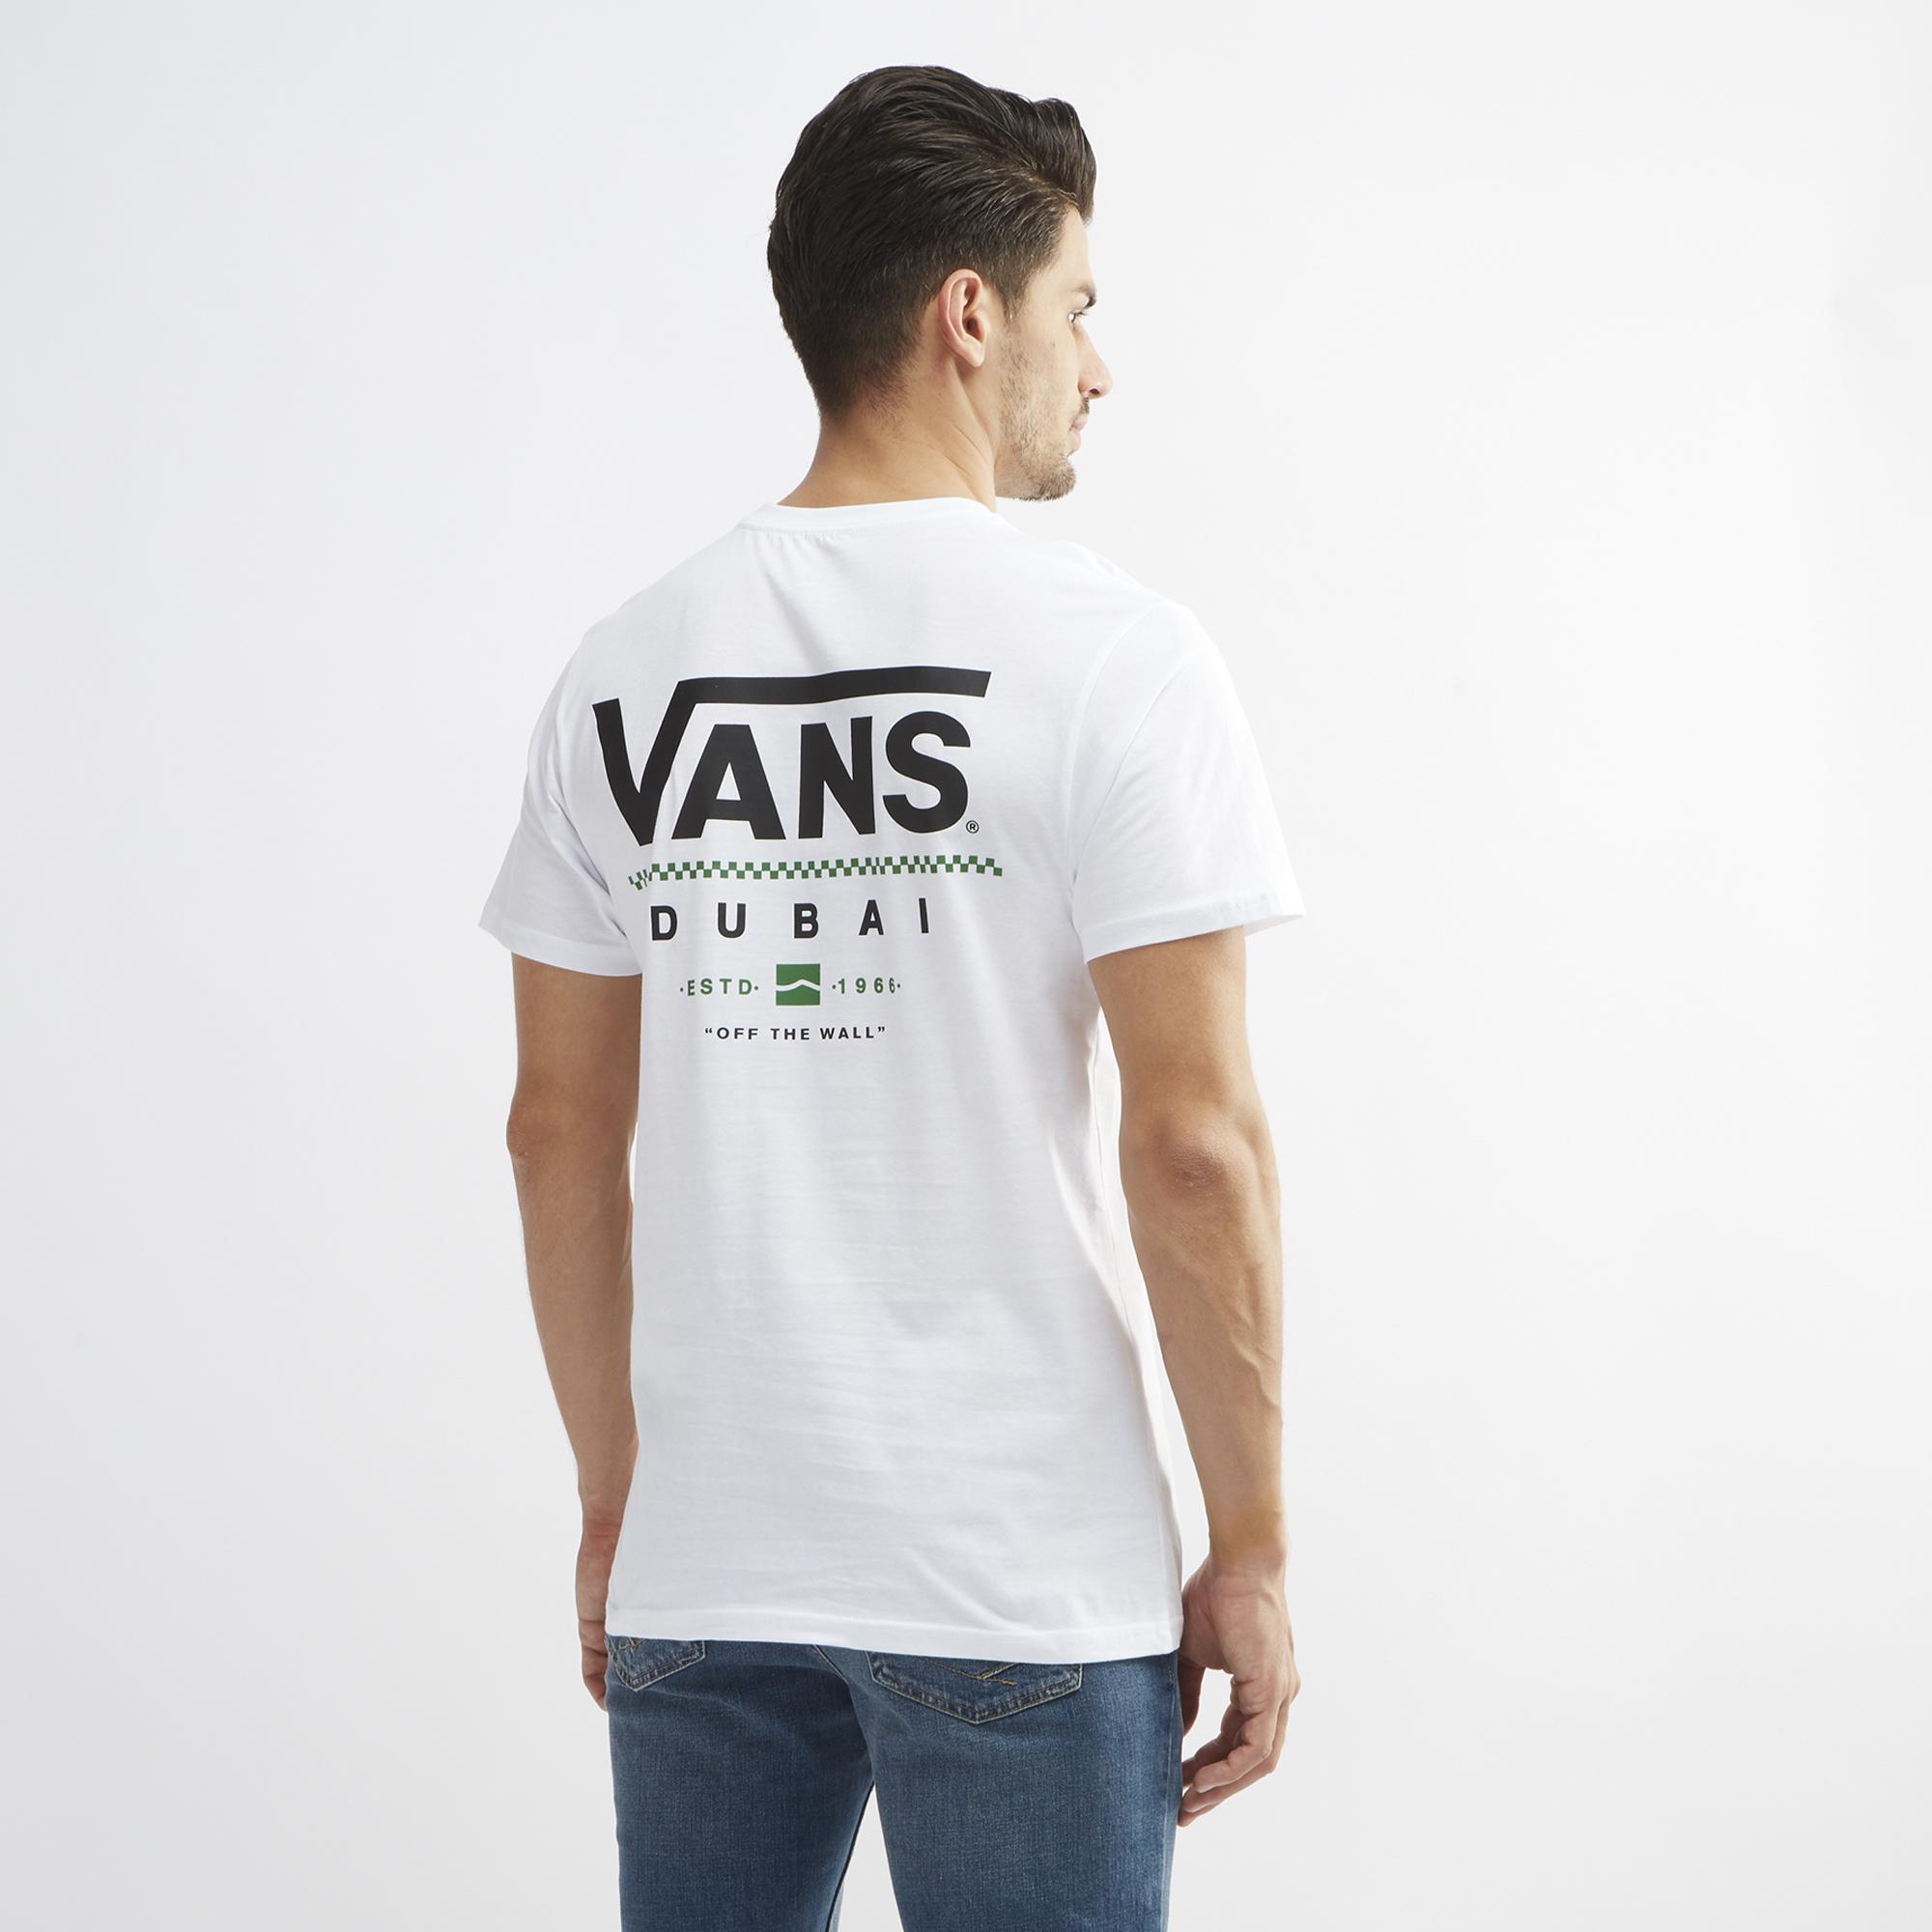 be91f1c4d Vans Dubai City T-Shirt | T-Shirts | Tops | Clothing | Mens | SSS